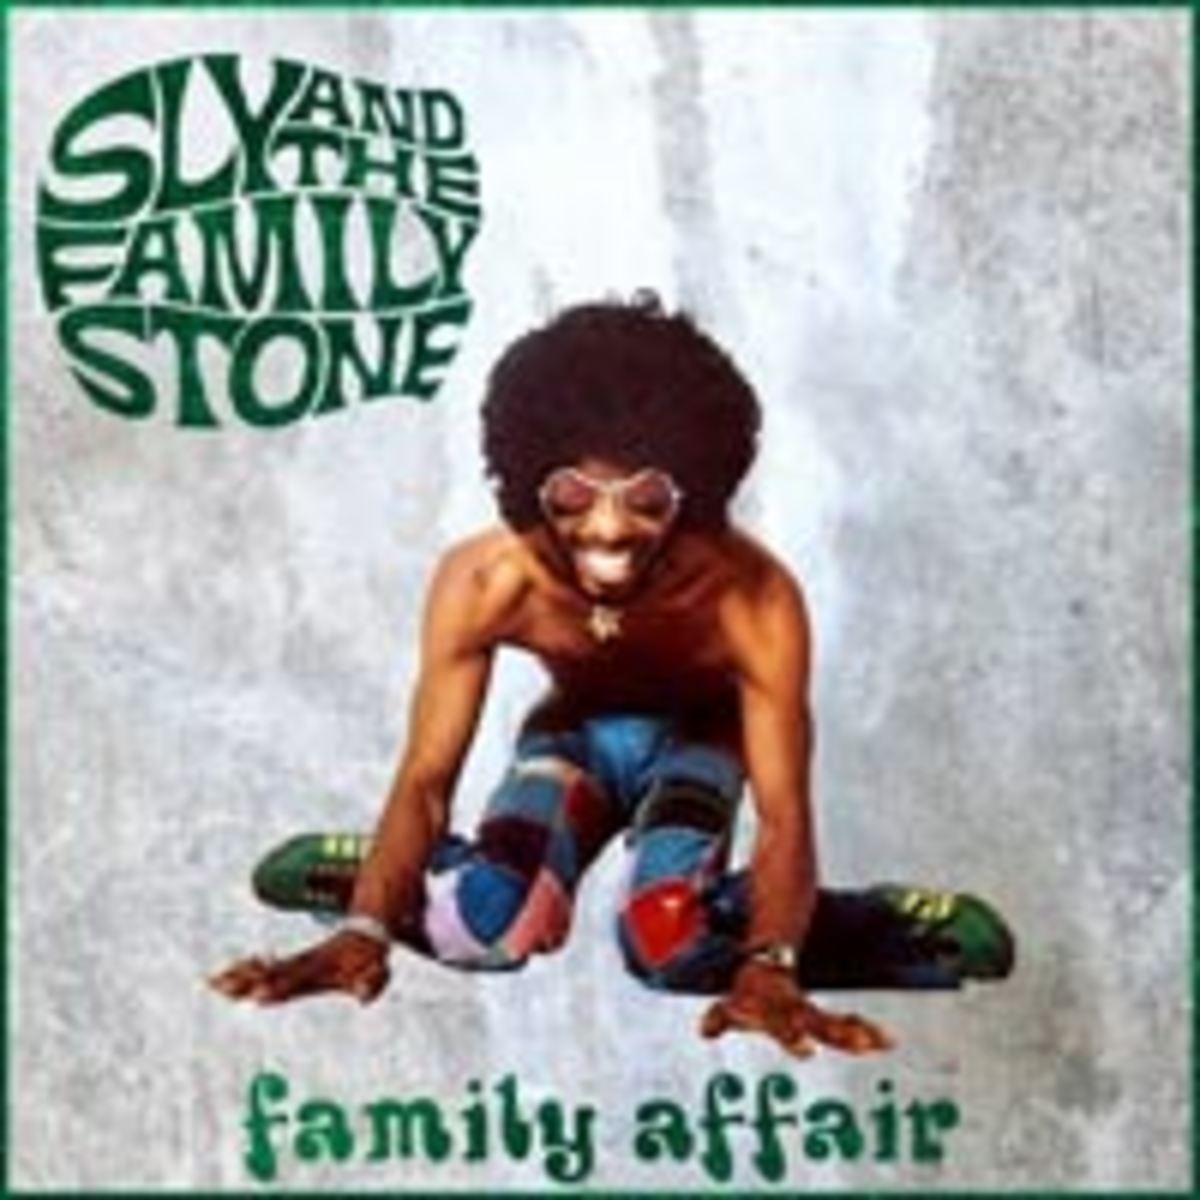 Sly-&-The-Family-Stone